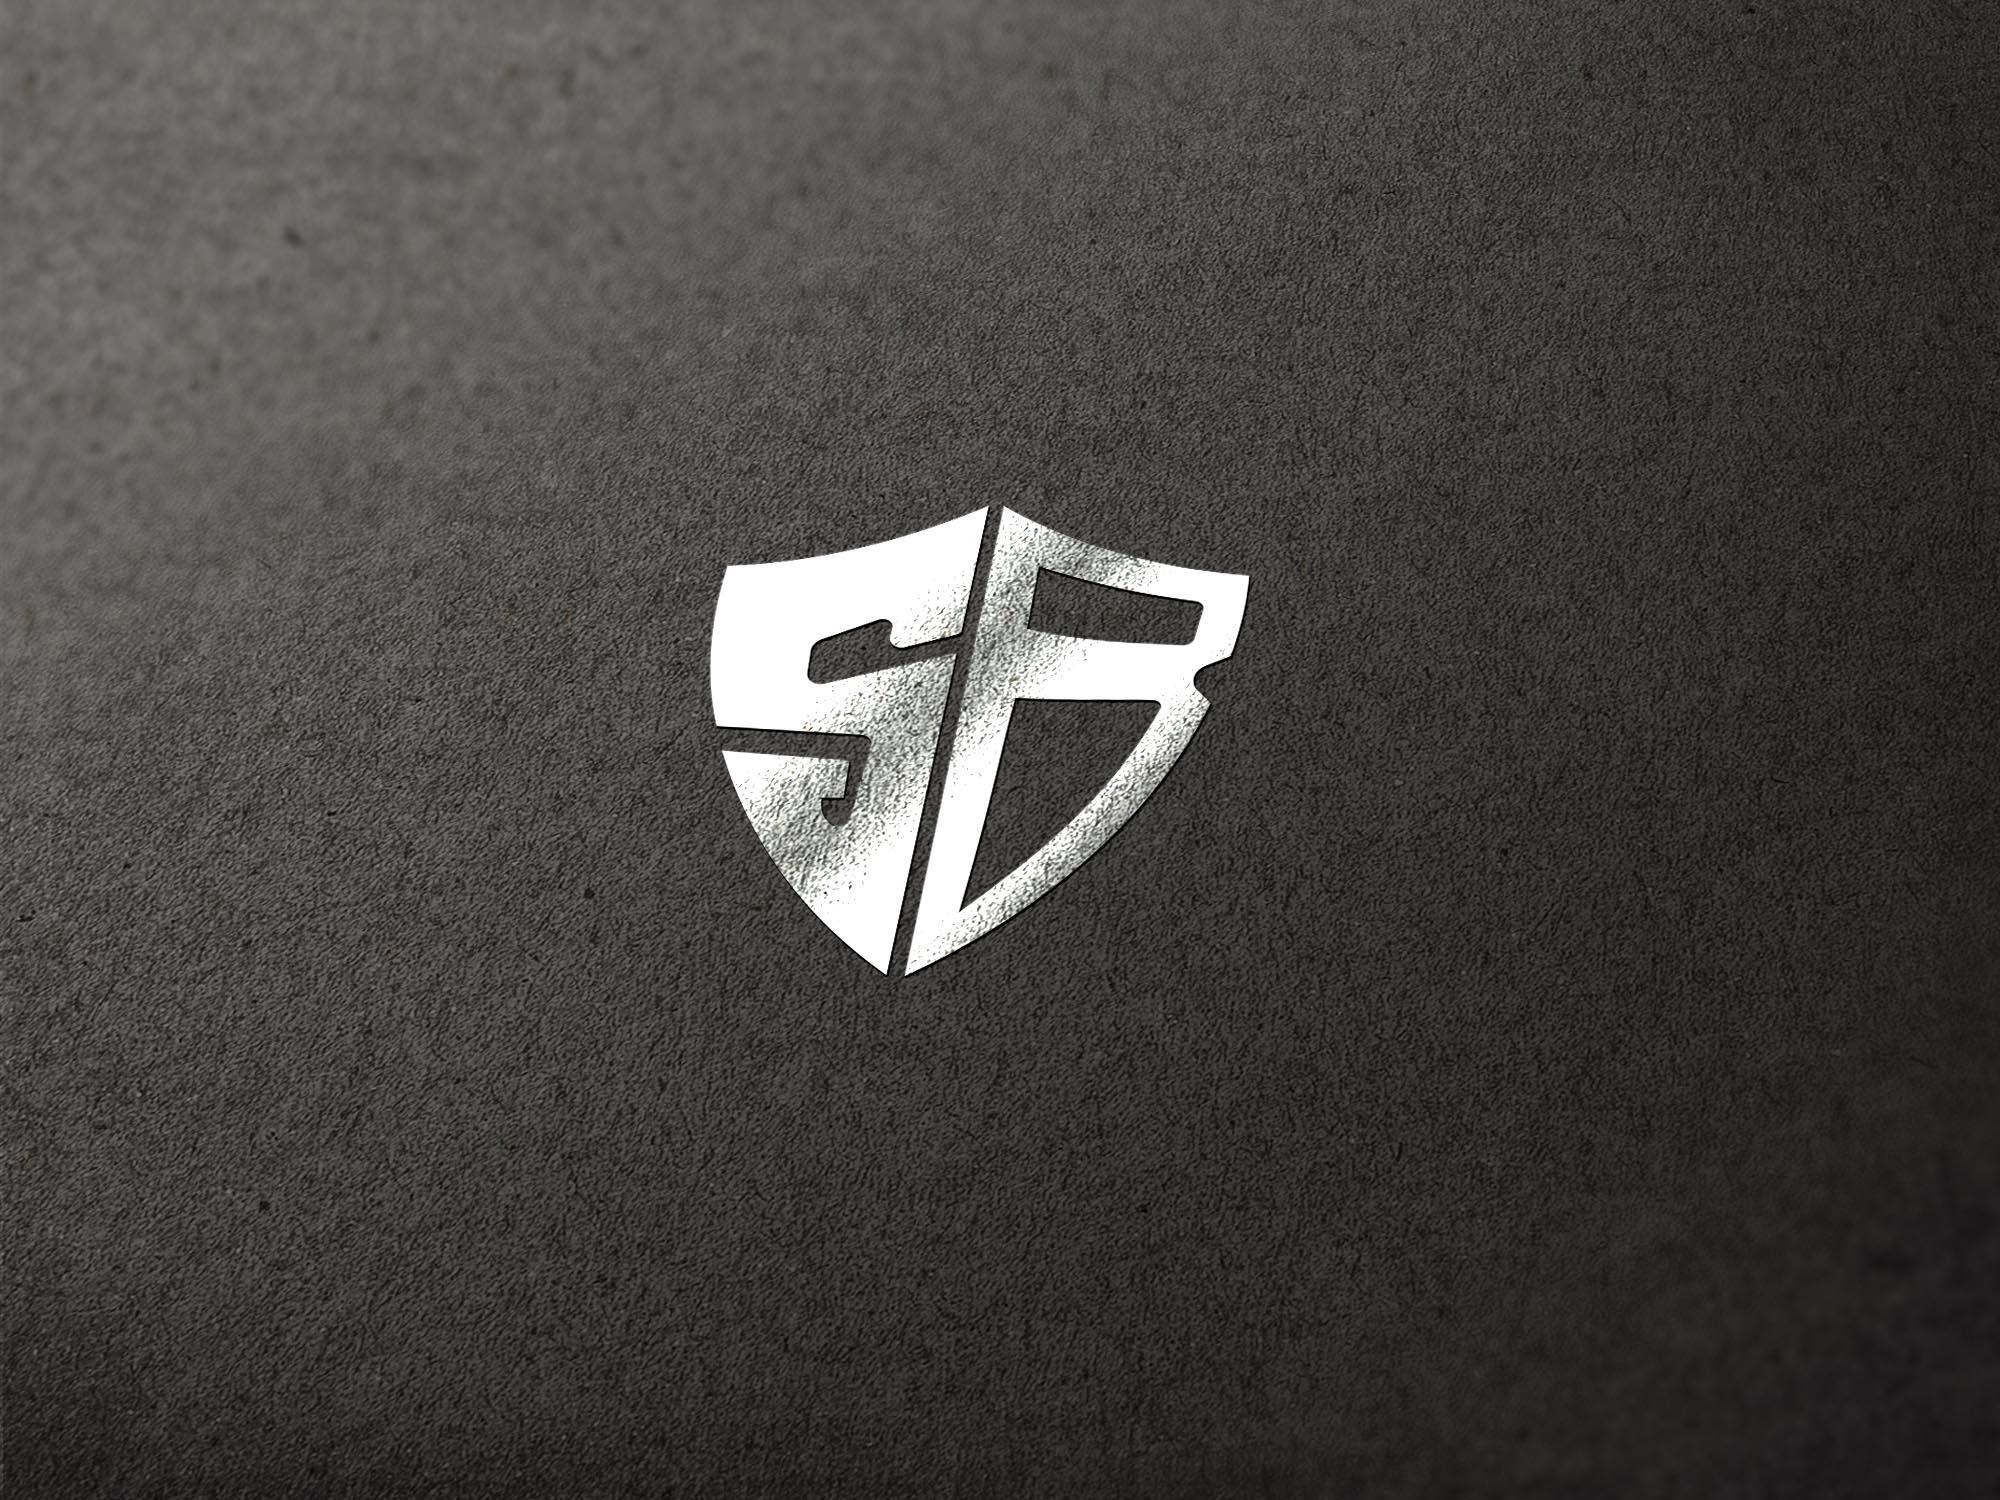 Логотип + Визитка Портала безопасных сделок фото f_158535ee8d28cc43.jpg